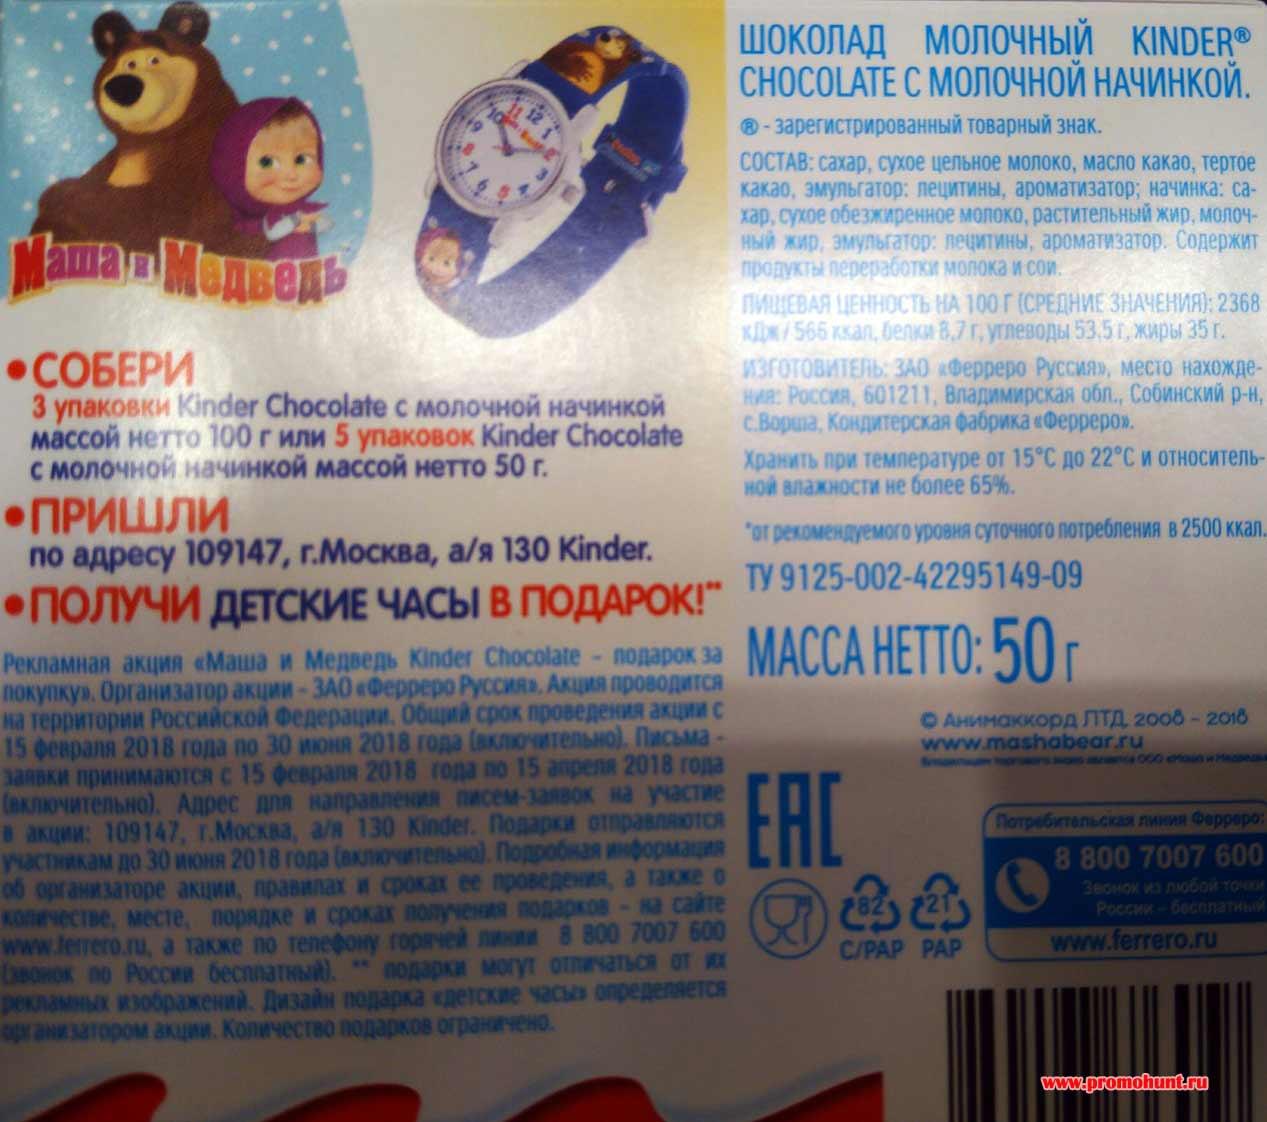 Акция Kinder Chocolate Маша и Медведь 2018 – Подарок за покупку